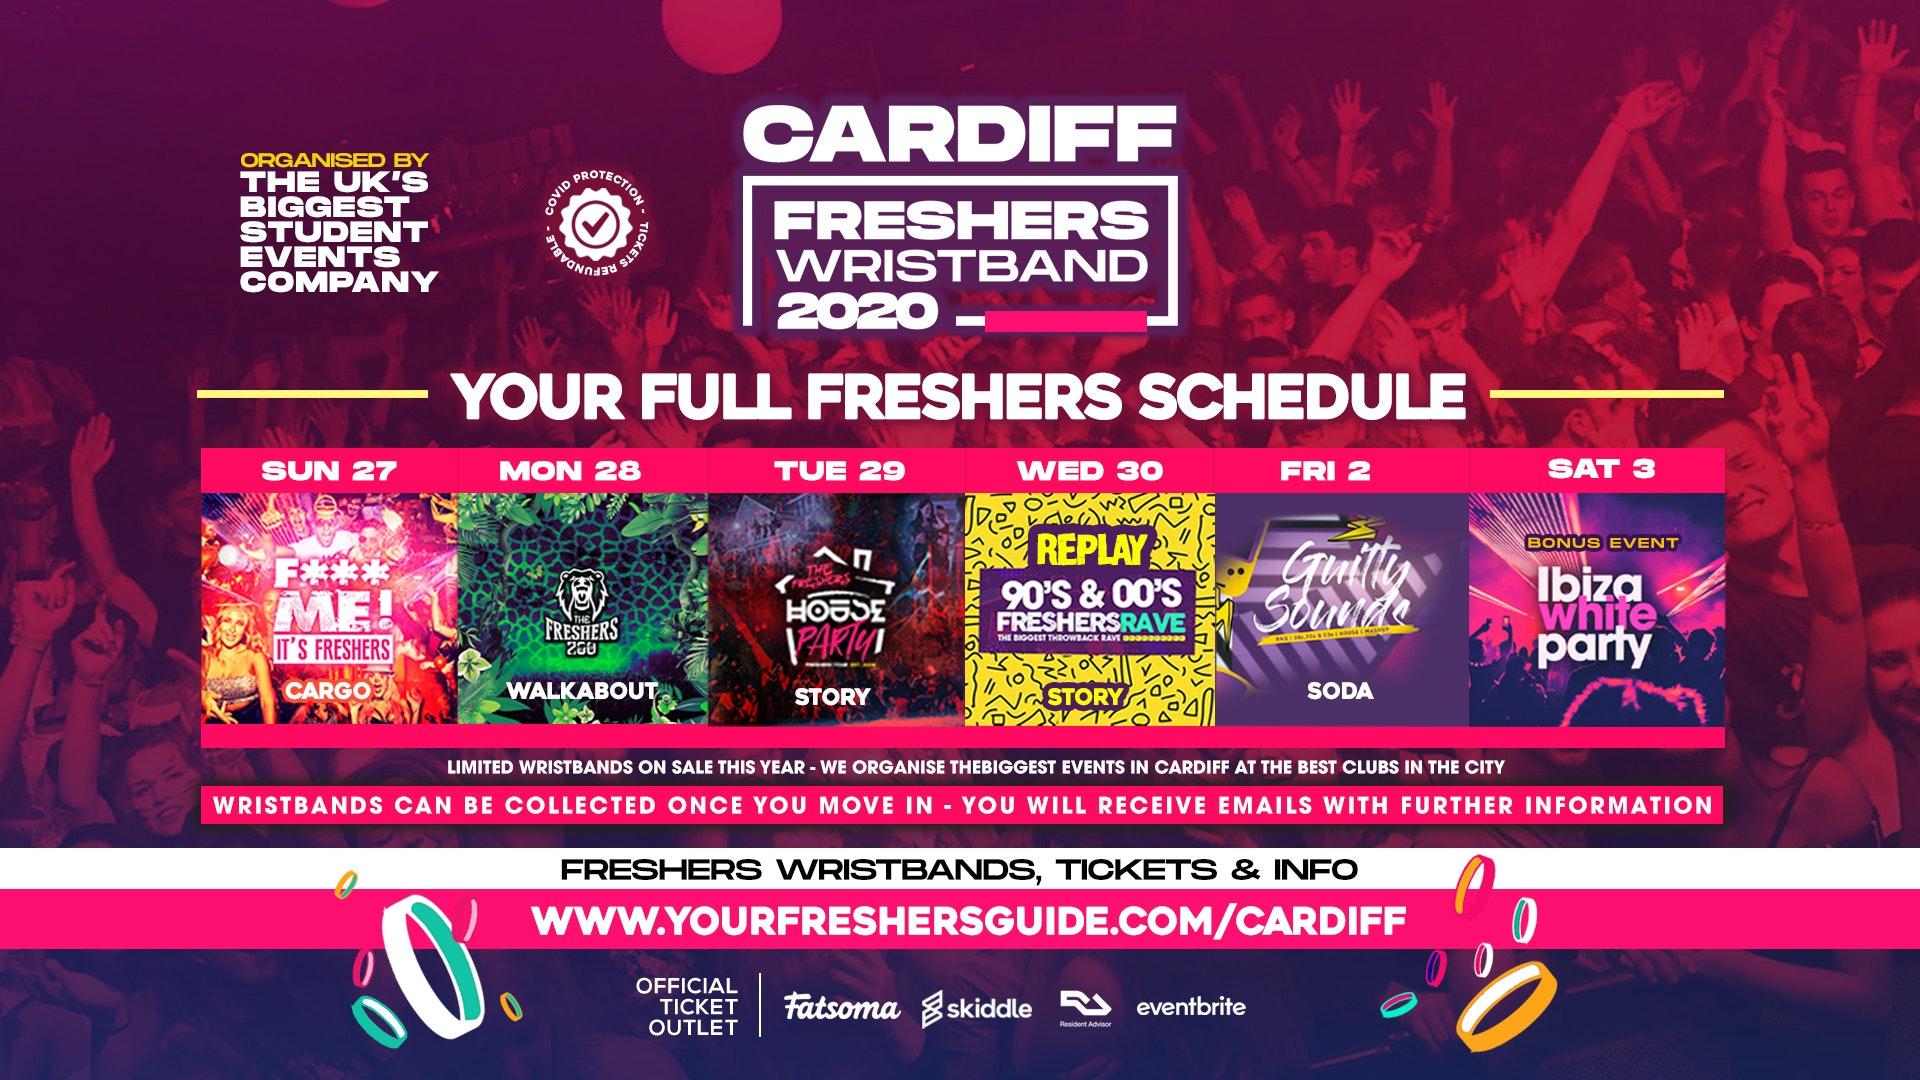 The Cardiff Freshers Wristband // Cardiff Freshers 2020